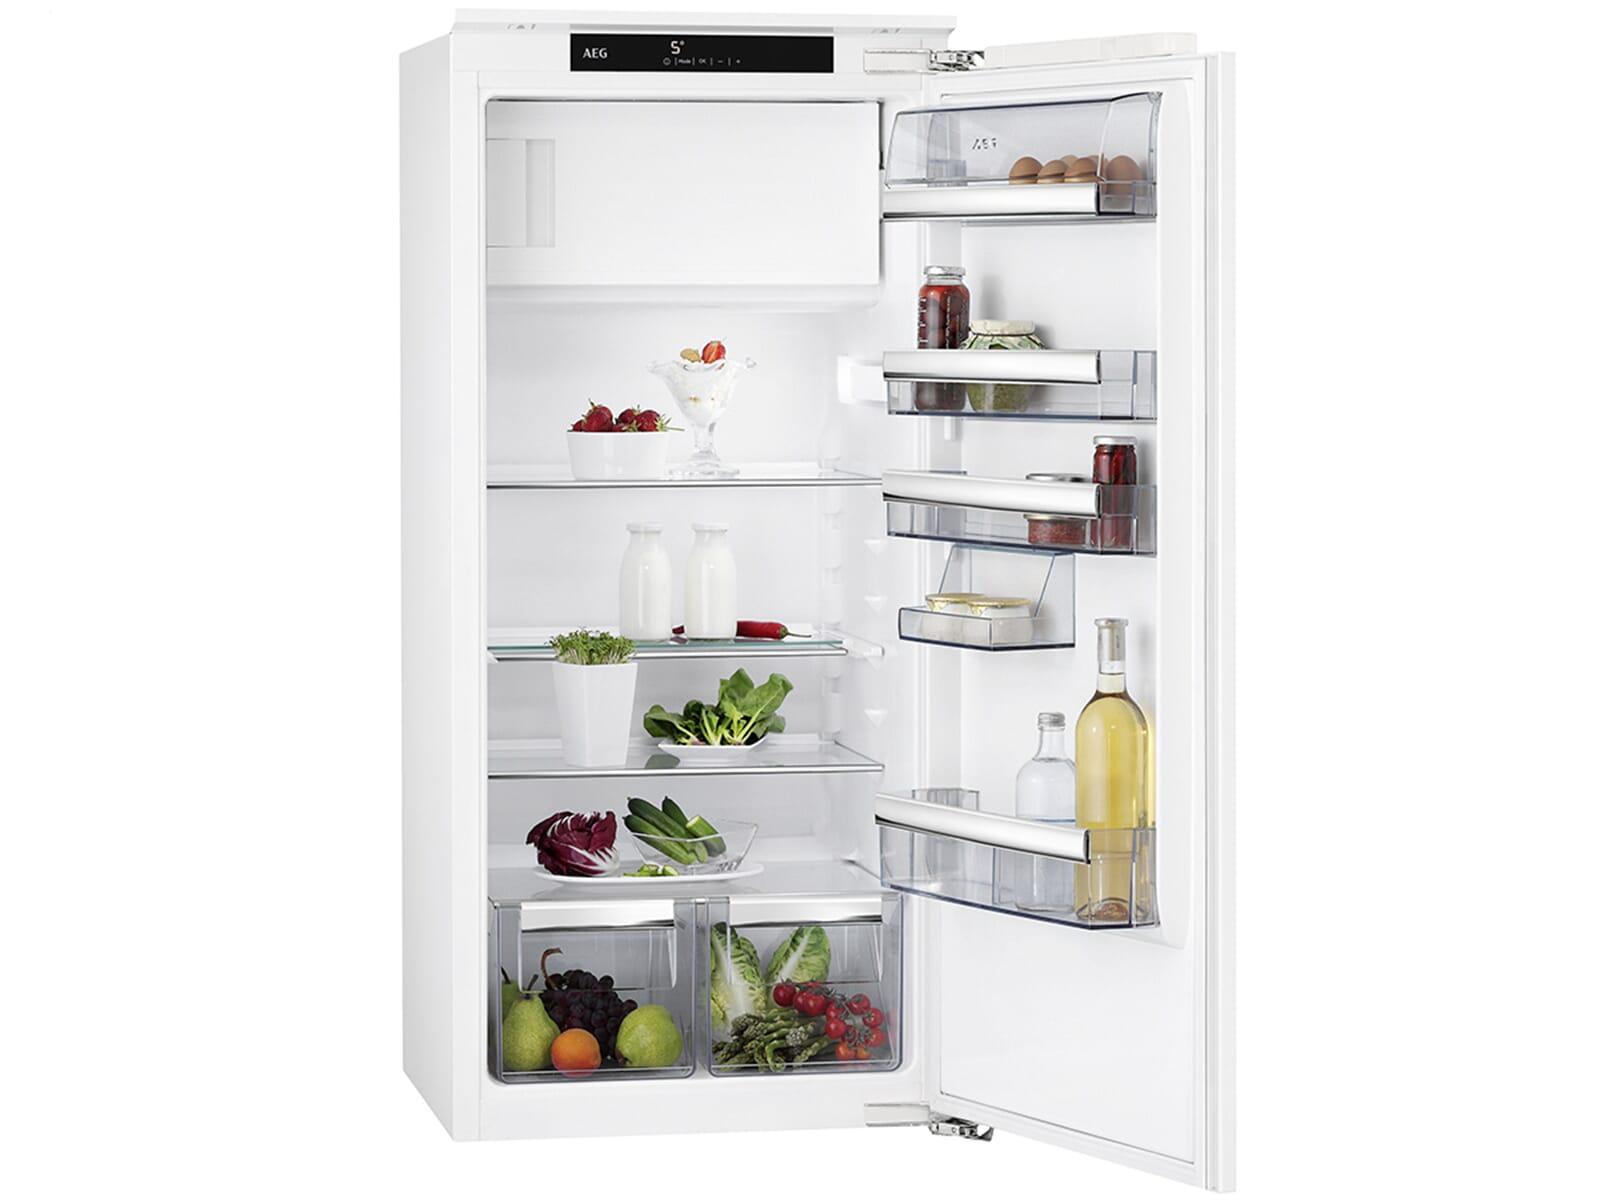 Aeg Kühlschrank A Mit Gefrierfach : Aeg sfe81241ac einbaukühlschrank